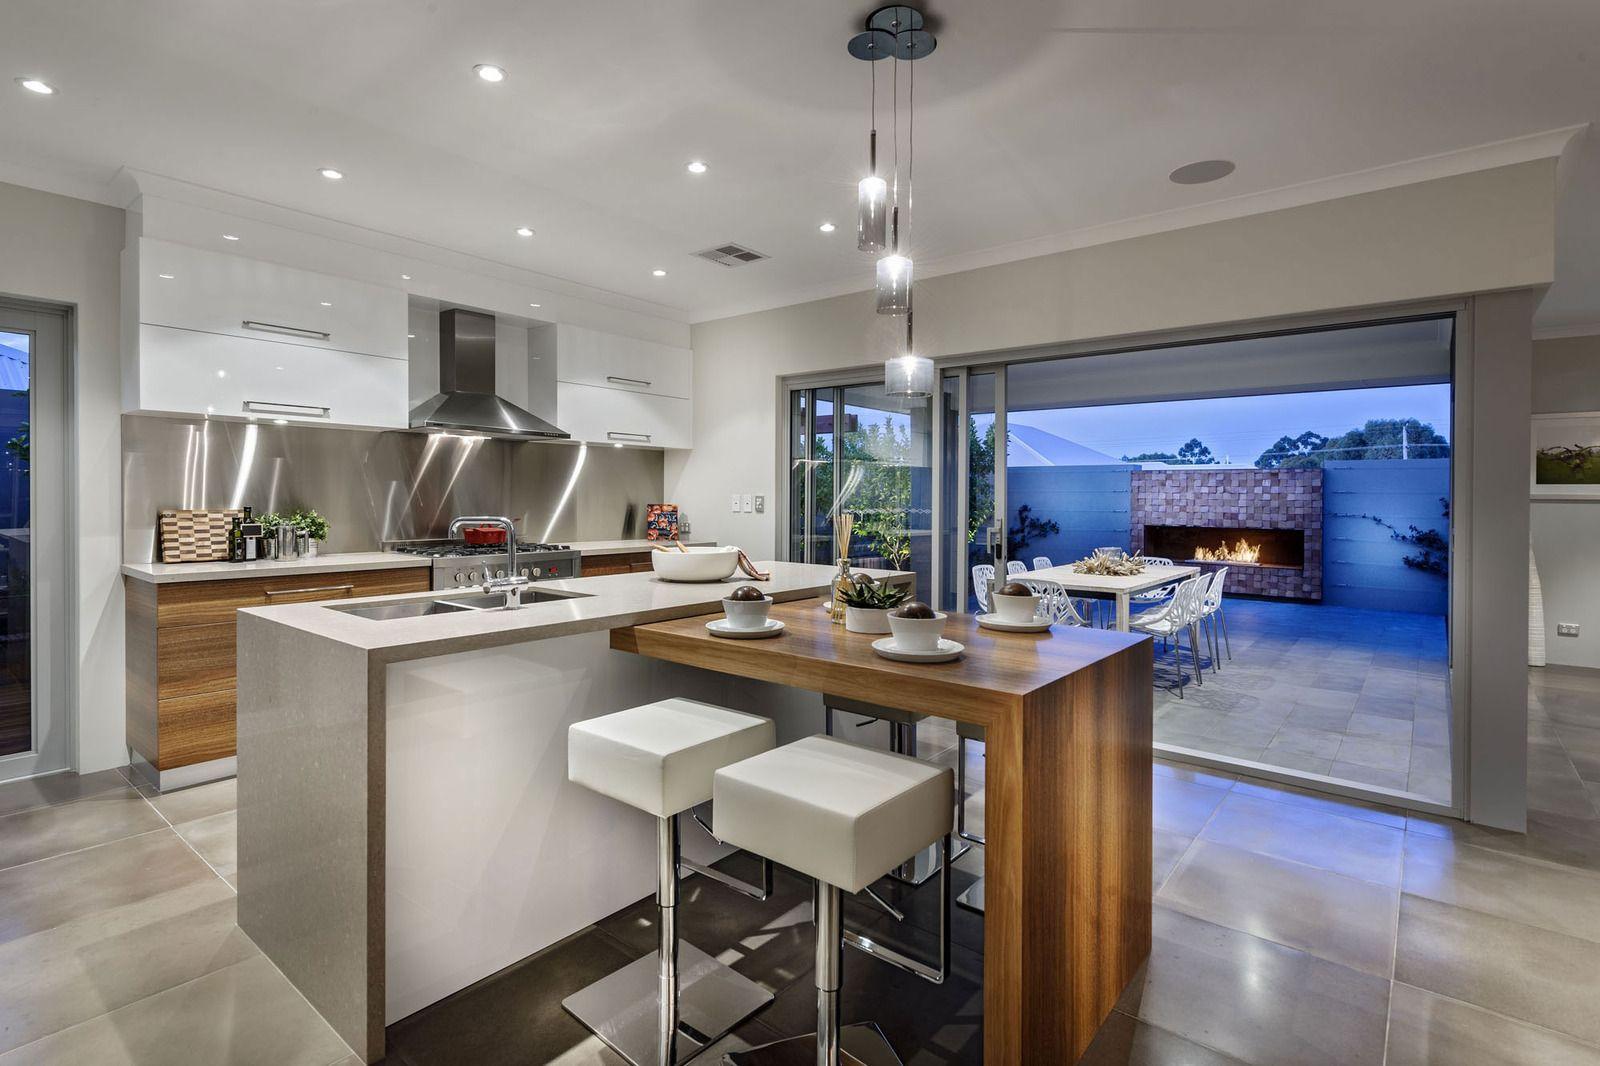 Casa moderna de dos pisos con hermoso diseño de fachada e interiores ...